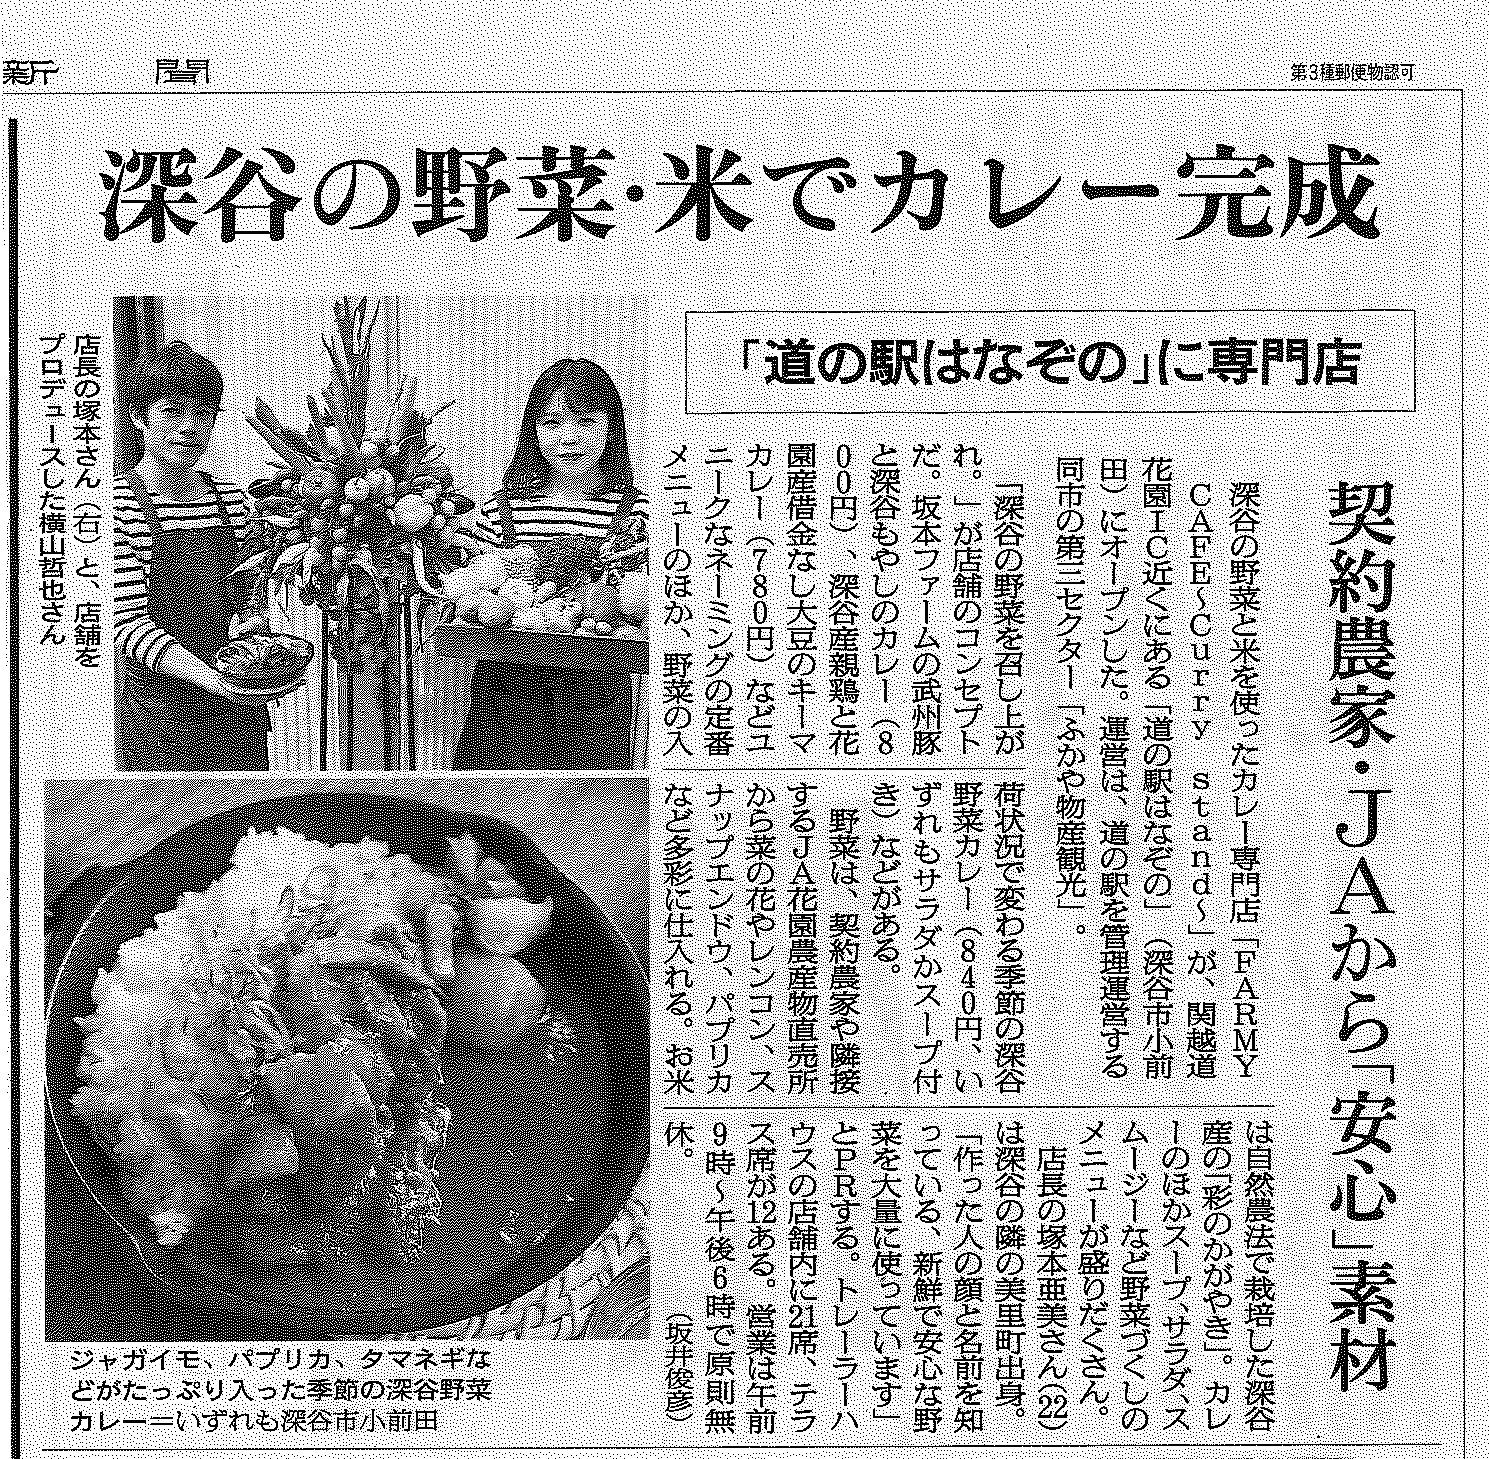 朝日新聞埼玉版にも掲載され、GWにはたくさんのお客様で賑わったことと思います。